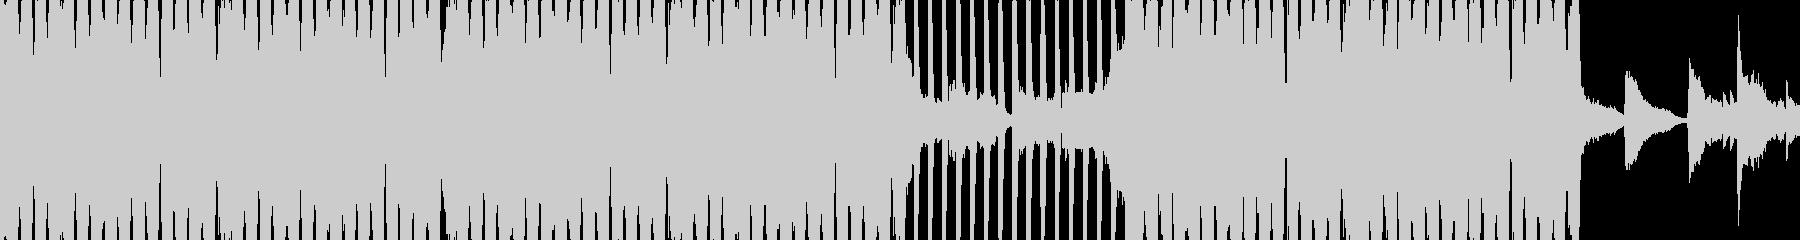 【ピアノ】悲しげ EDM【ダンス】の未再生の波形